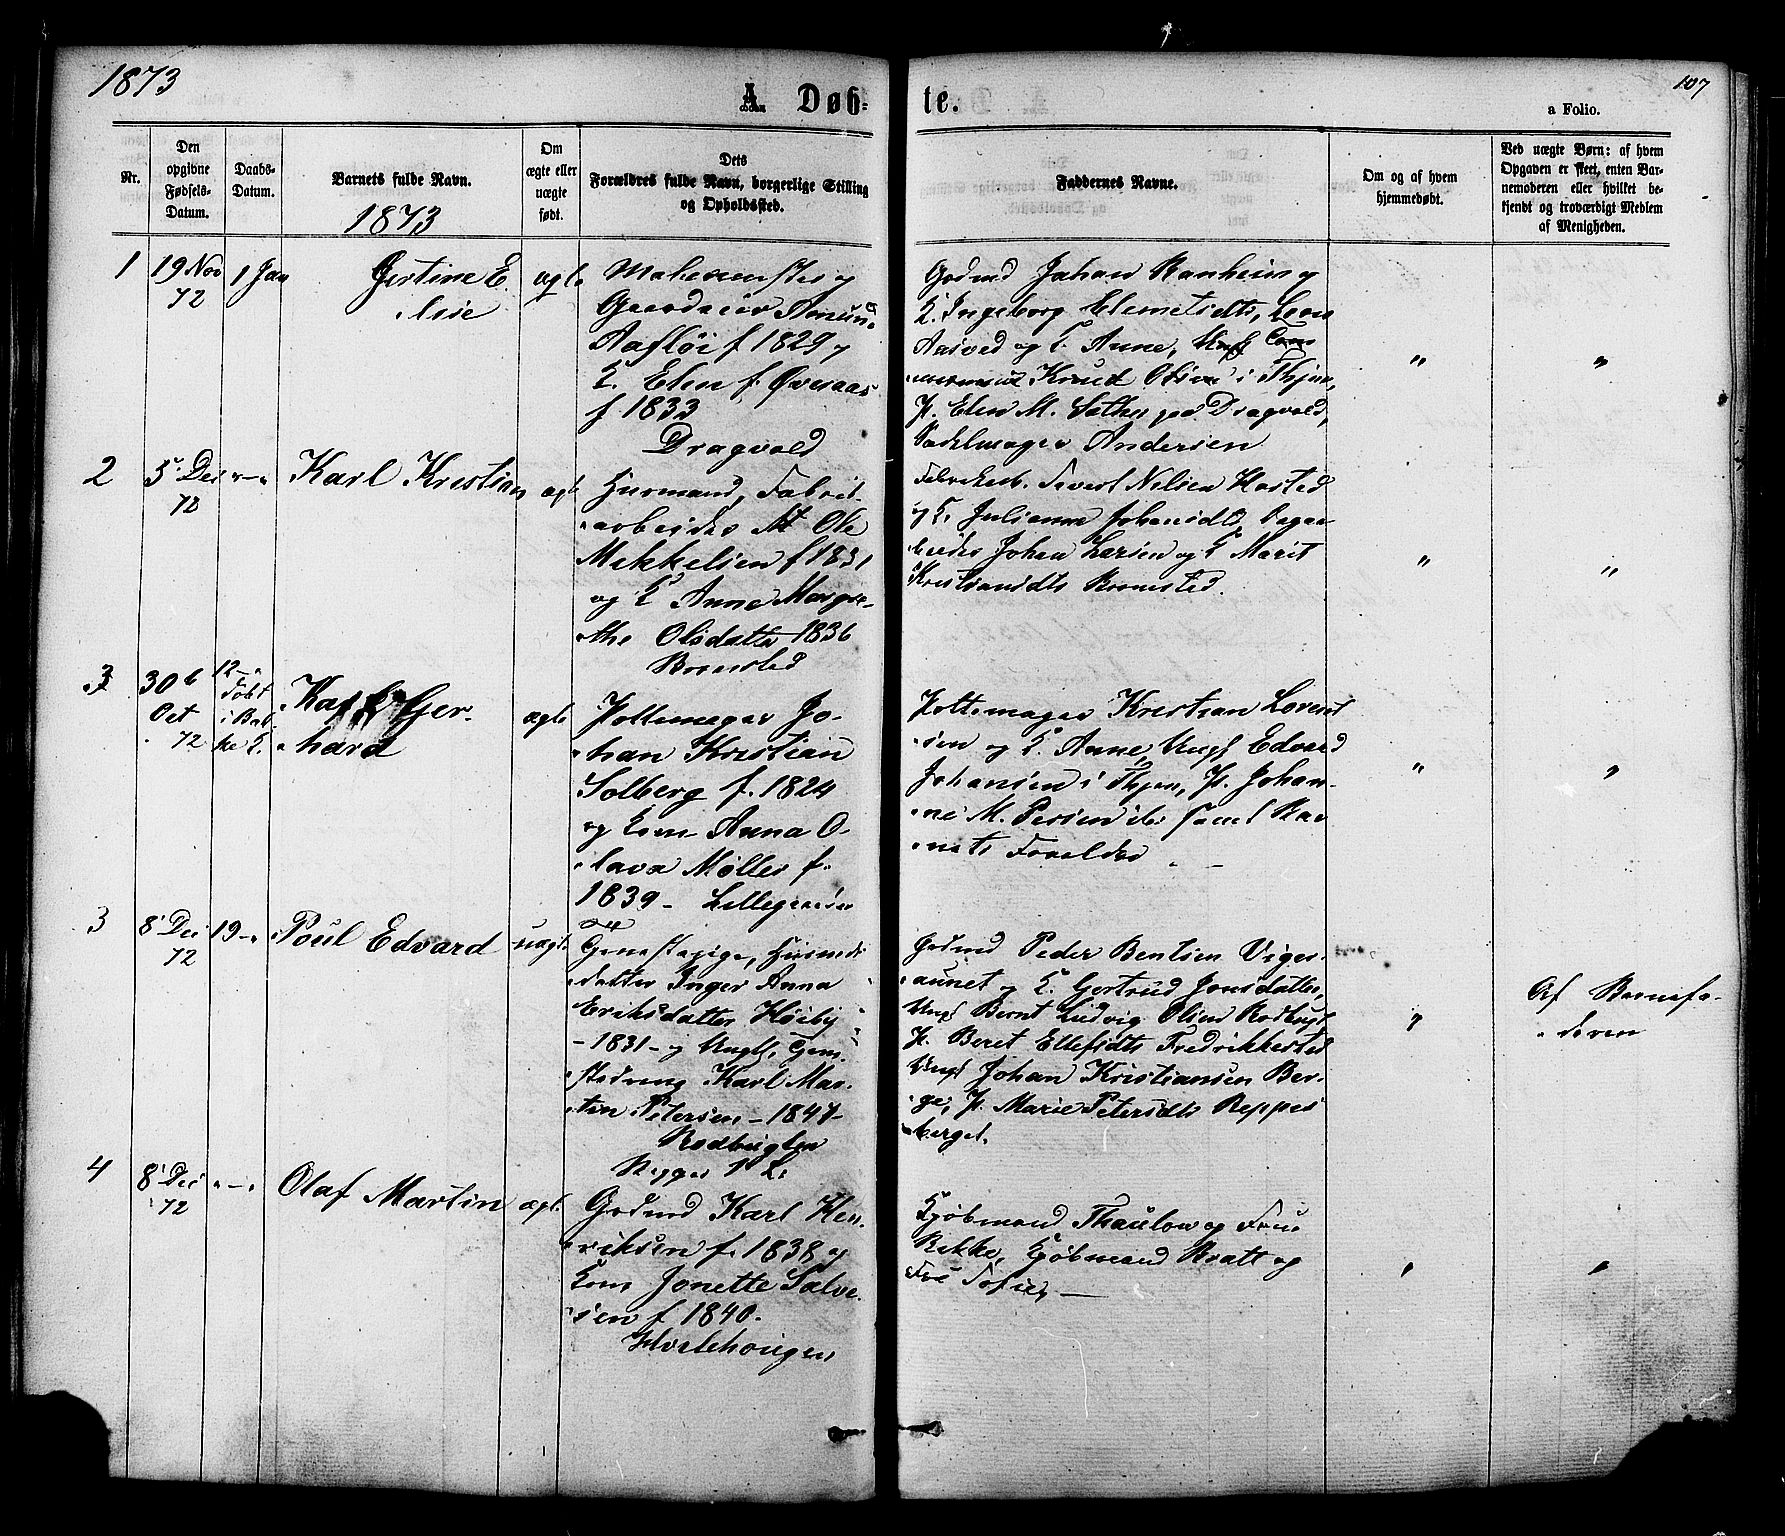 SAT, Ministerialprotokoller, klokkerbøker og fødselsregistre - Sør-Trøndelag, 606/L0293: Ministerialbok nr. 606A08, 1866-1877, s. 107